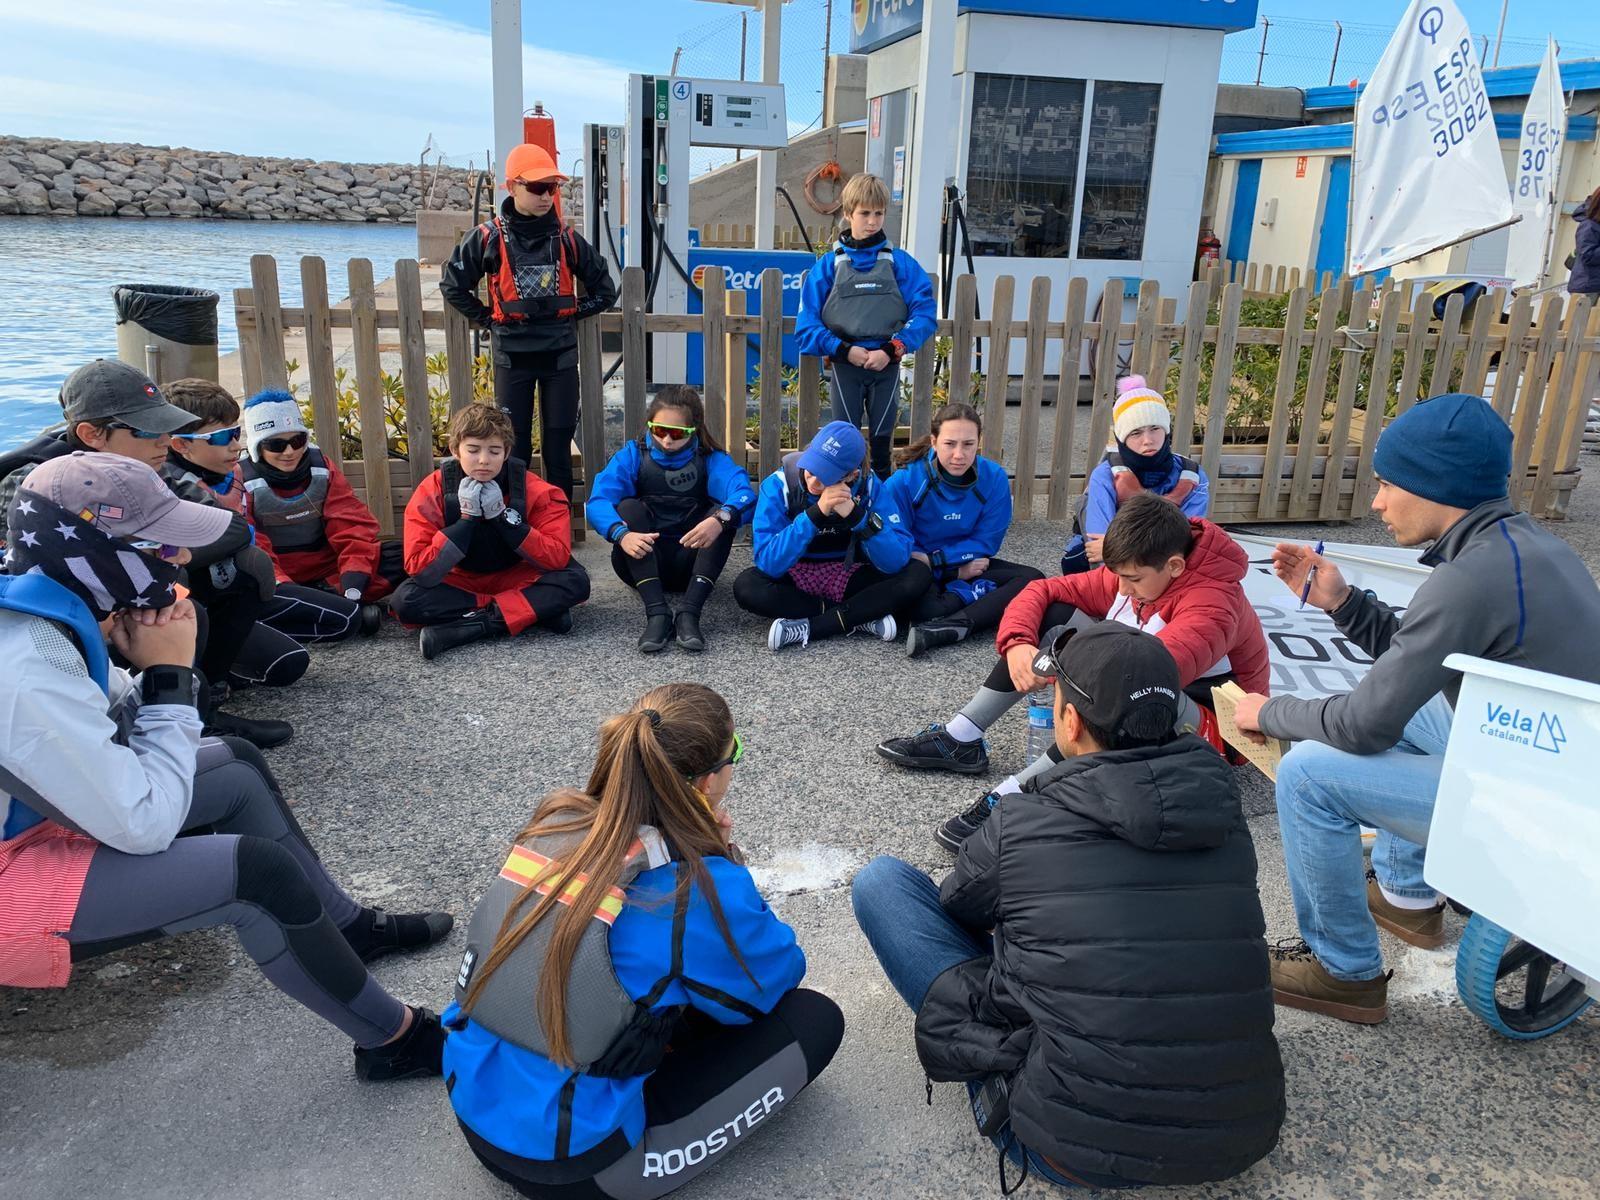 Club, nàutic, el masnou, escola, vela, CNEM, Optimist, equip, flota, regata